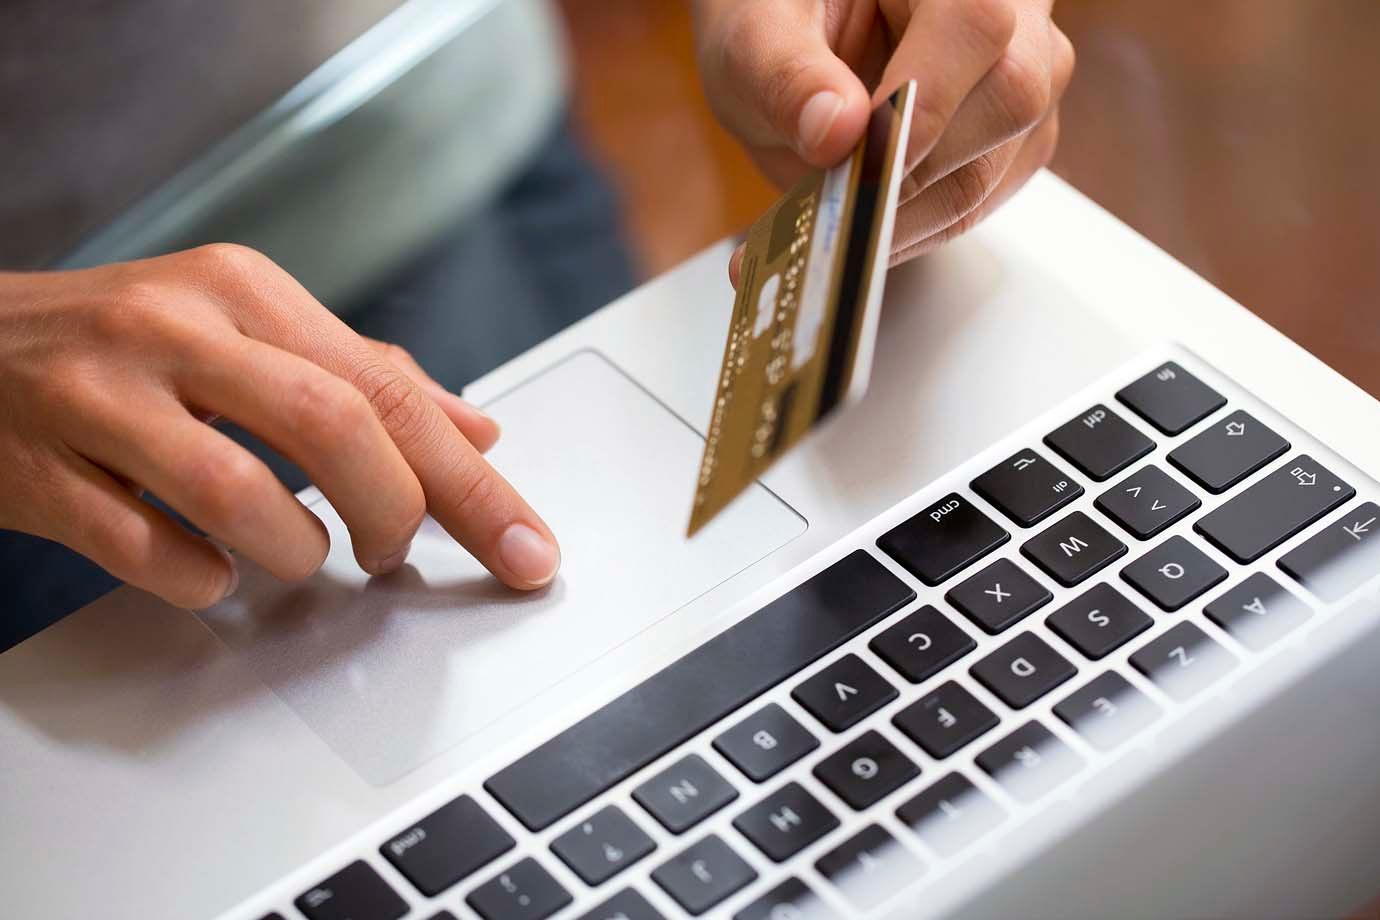 Conheça 9 dicas de segurança para fazer movimentações financeiras seguras pela internet